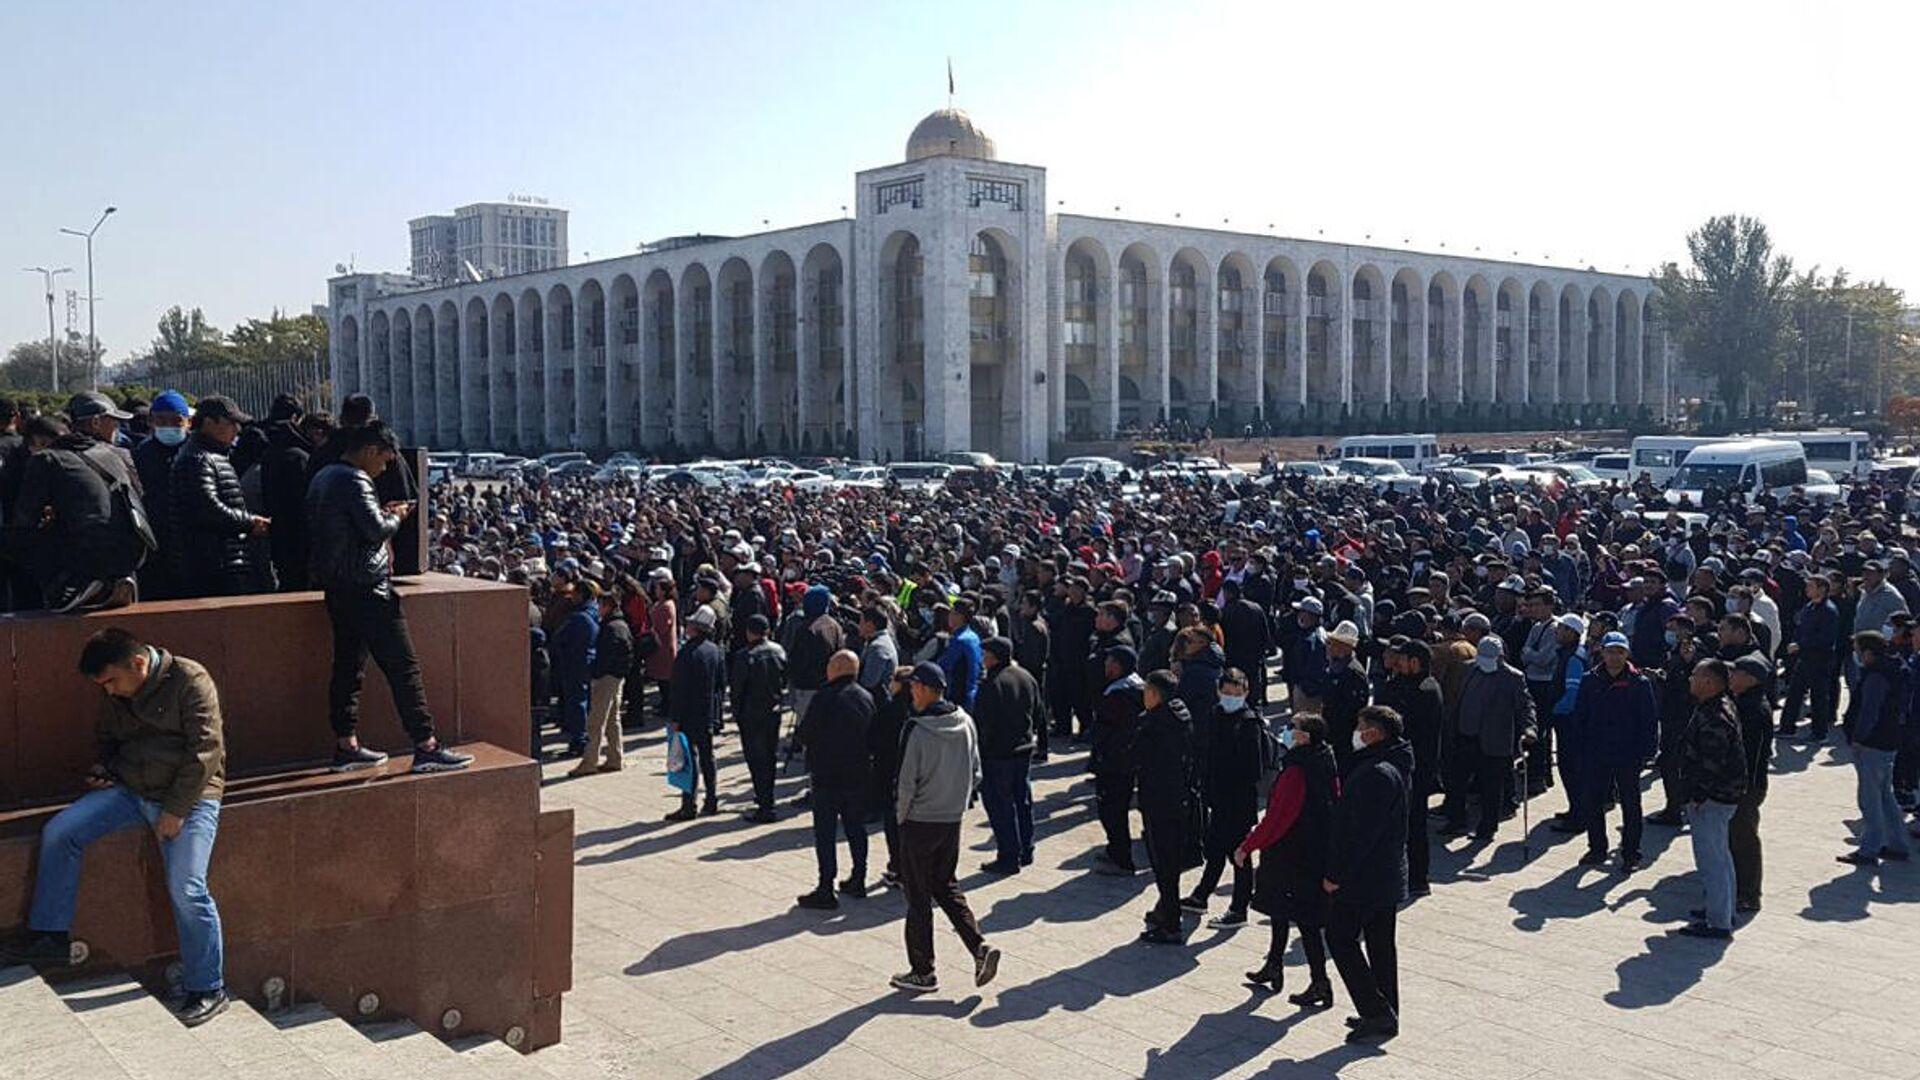 Ситуация в Бишкеке. 7 октября 2020 - РИА Новости, 1920, 07.10.2020